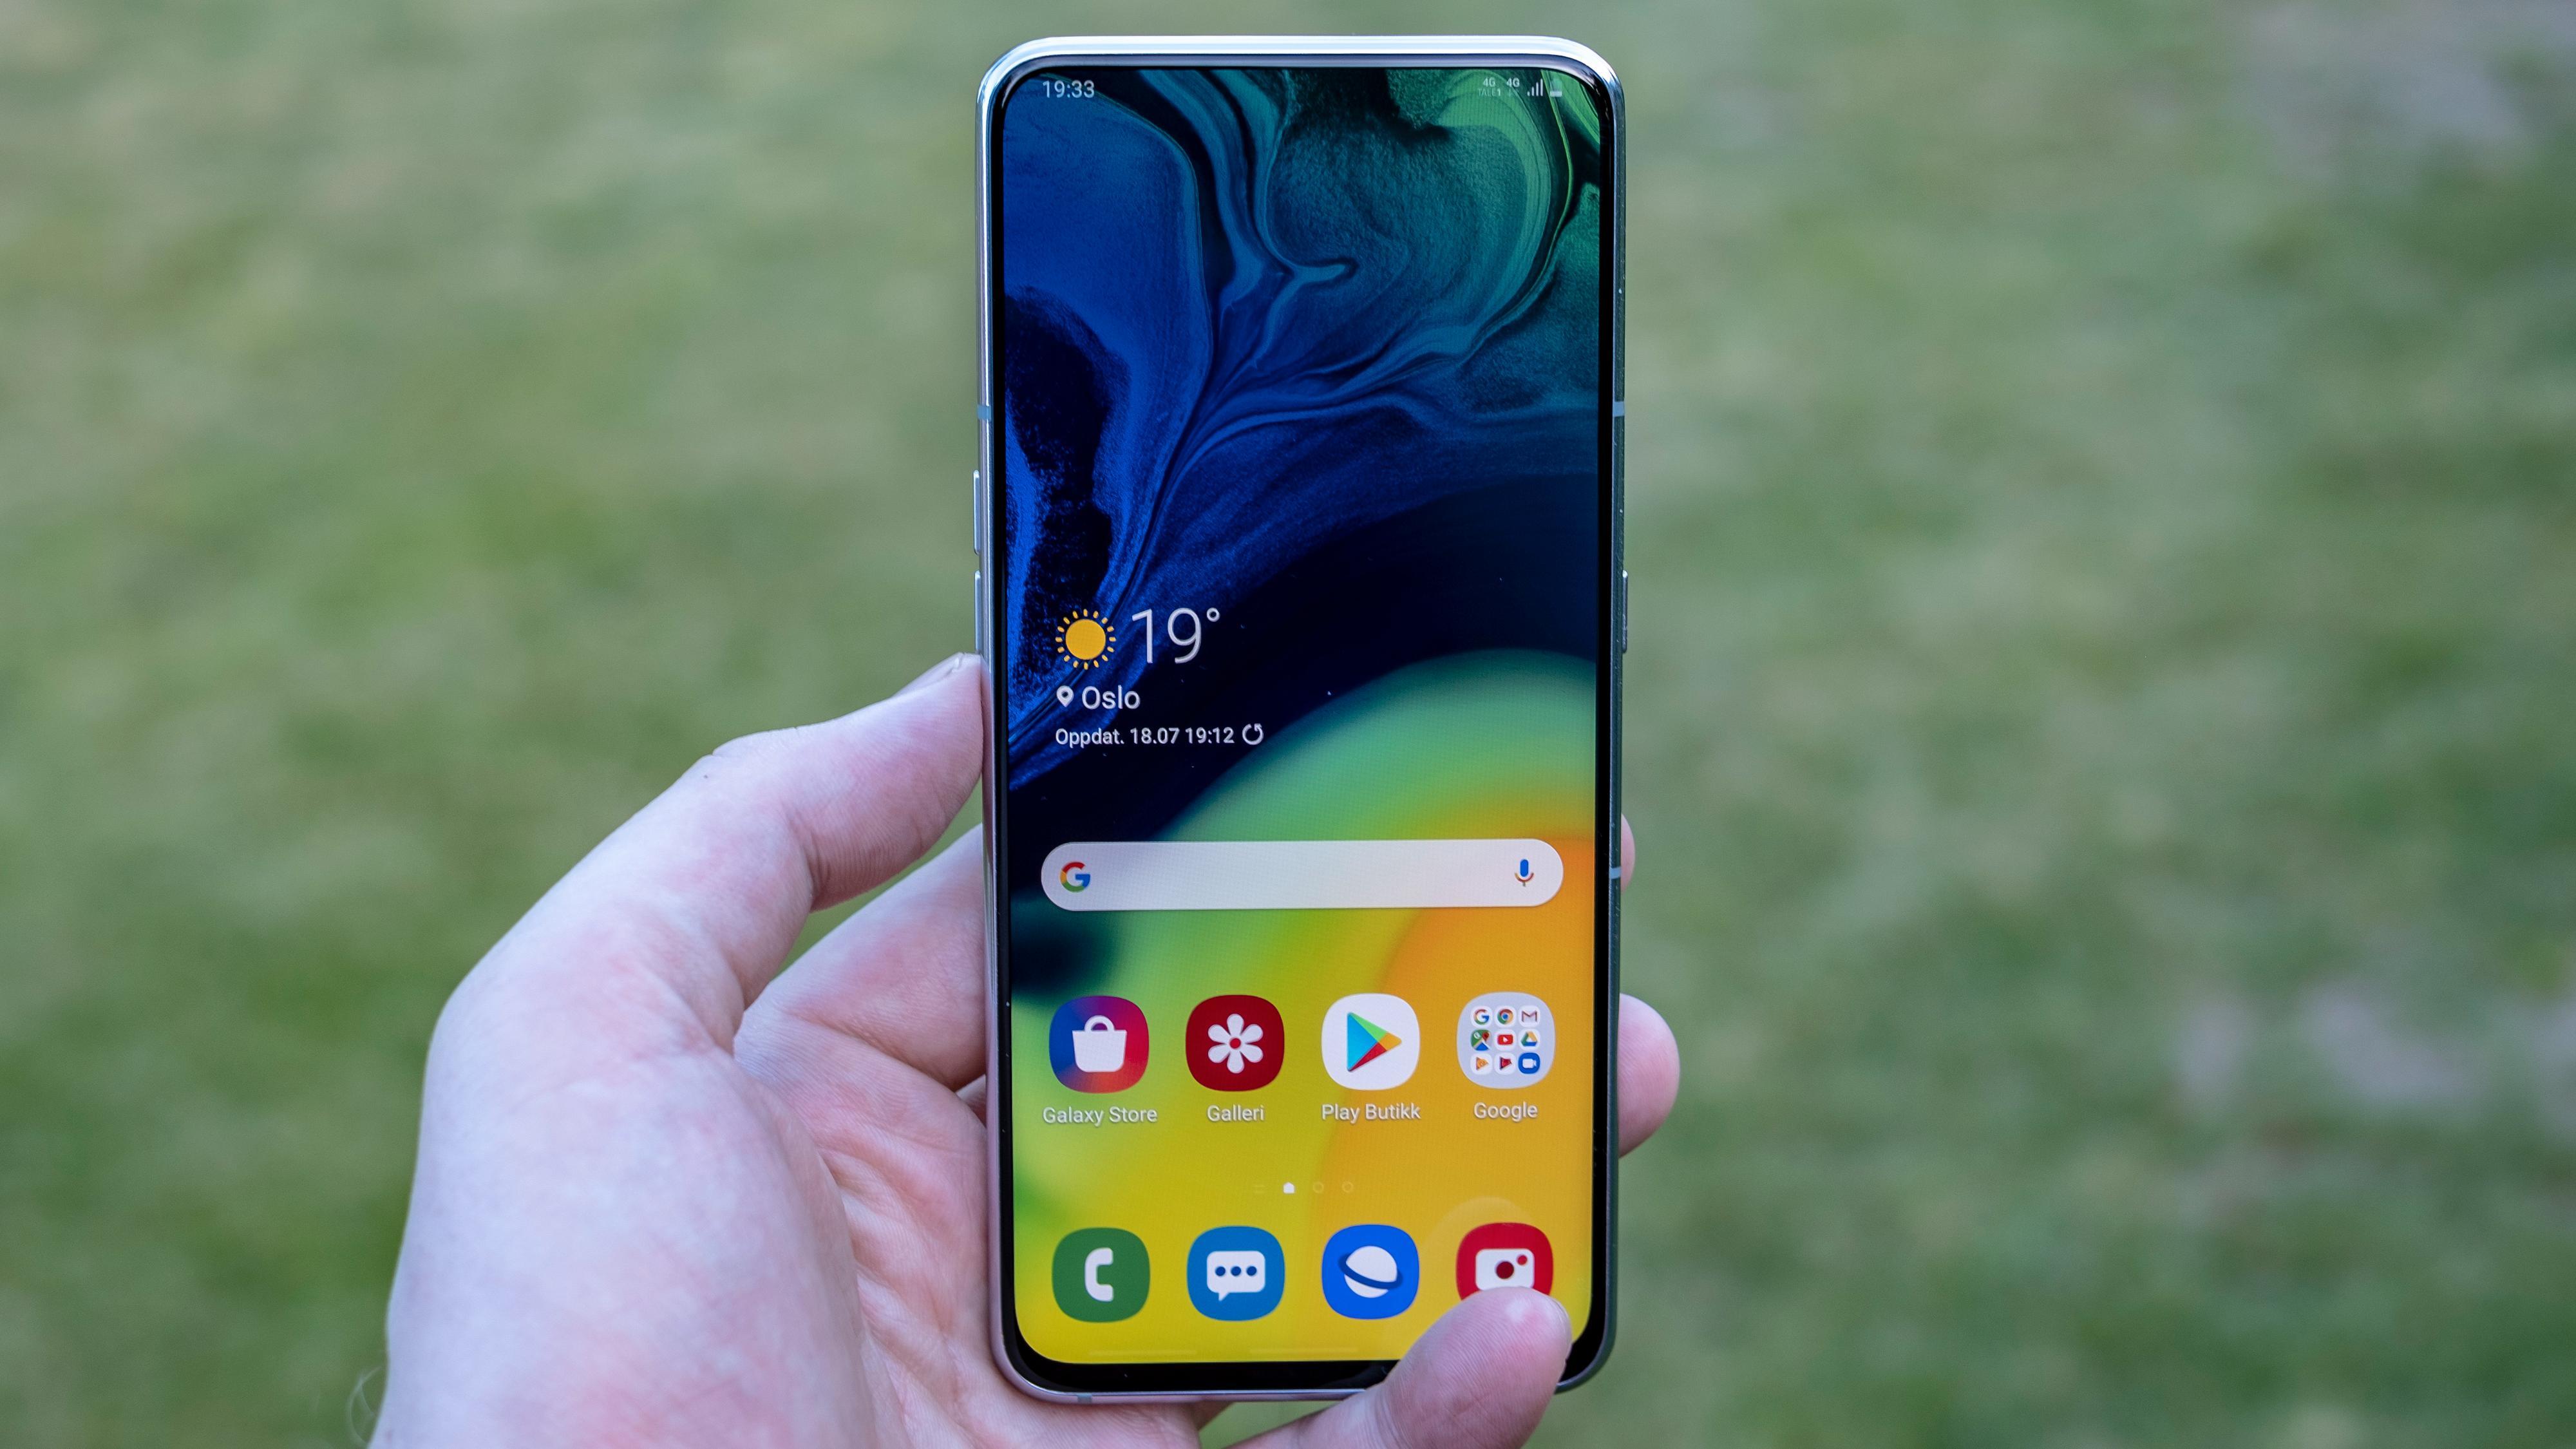 Skjermen er god, men du får billigere Samsung-mobiler med vesentlig bedre skjermer enn denne.